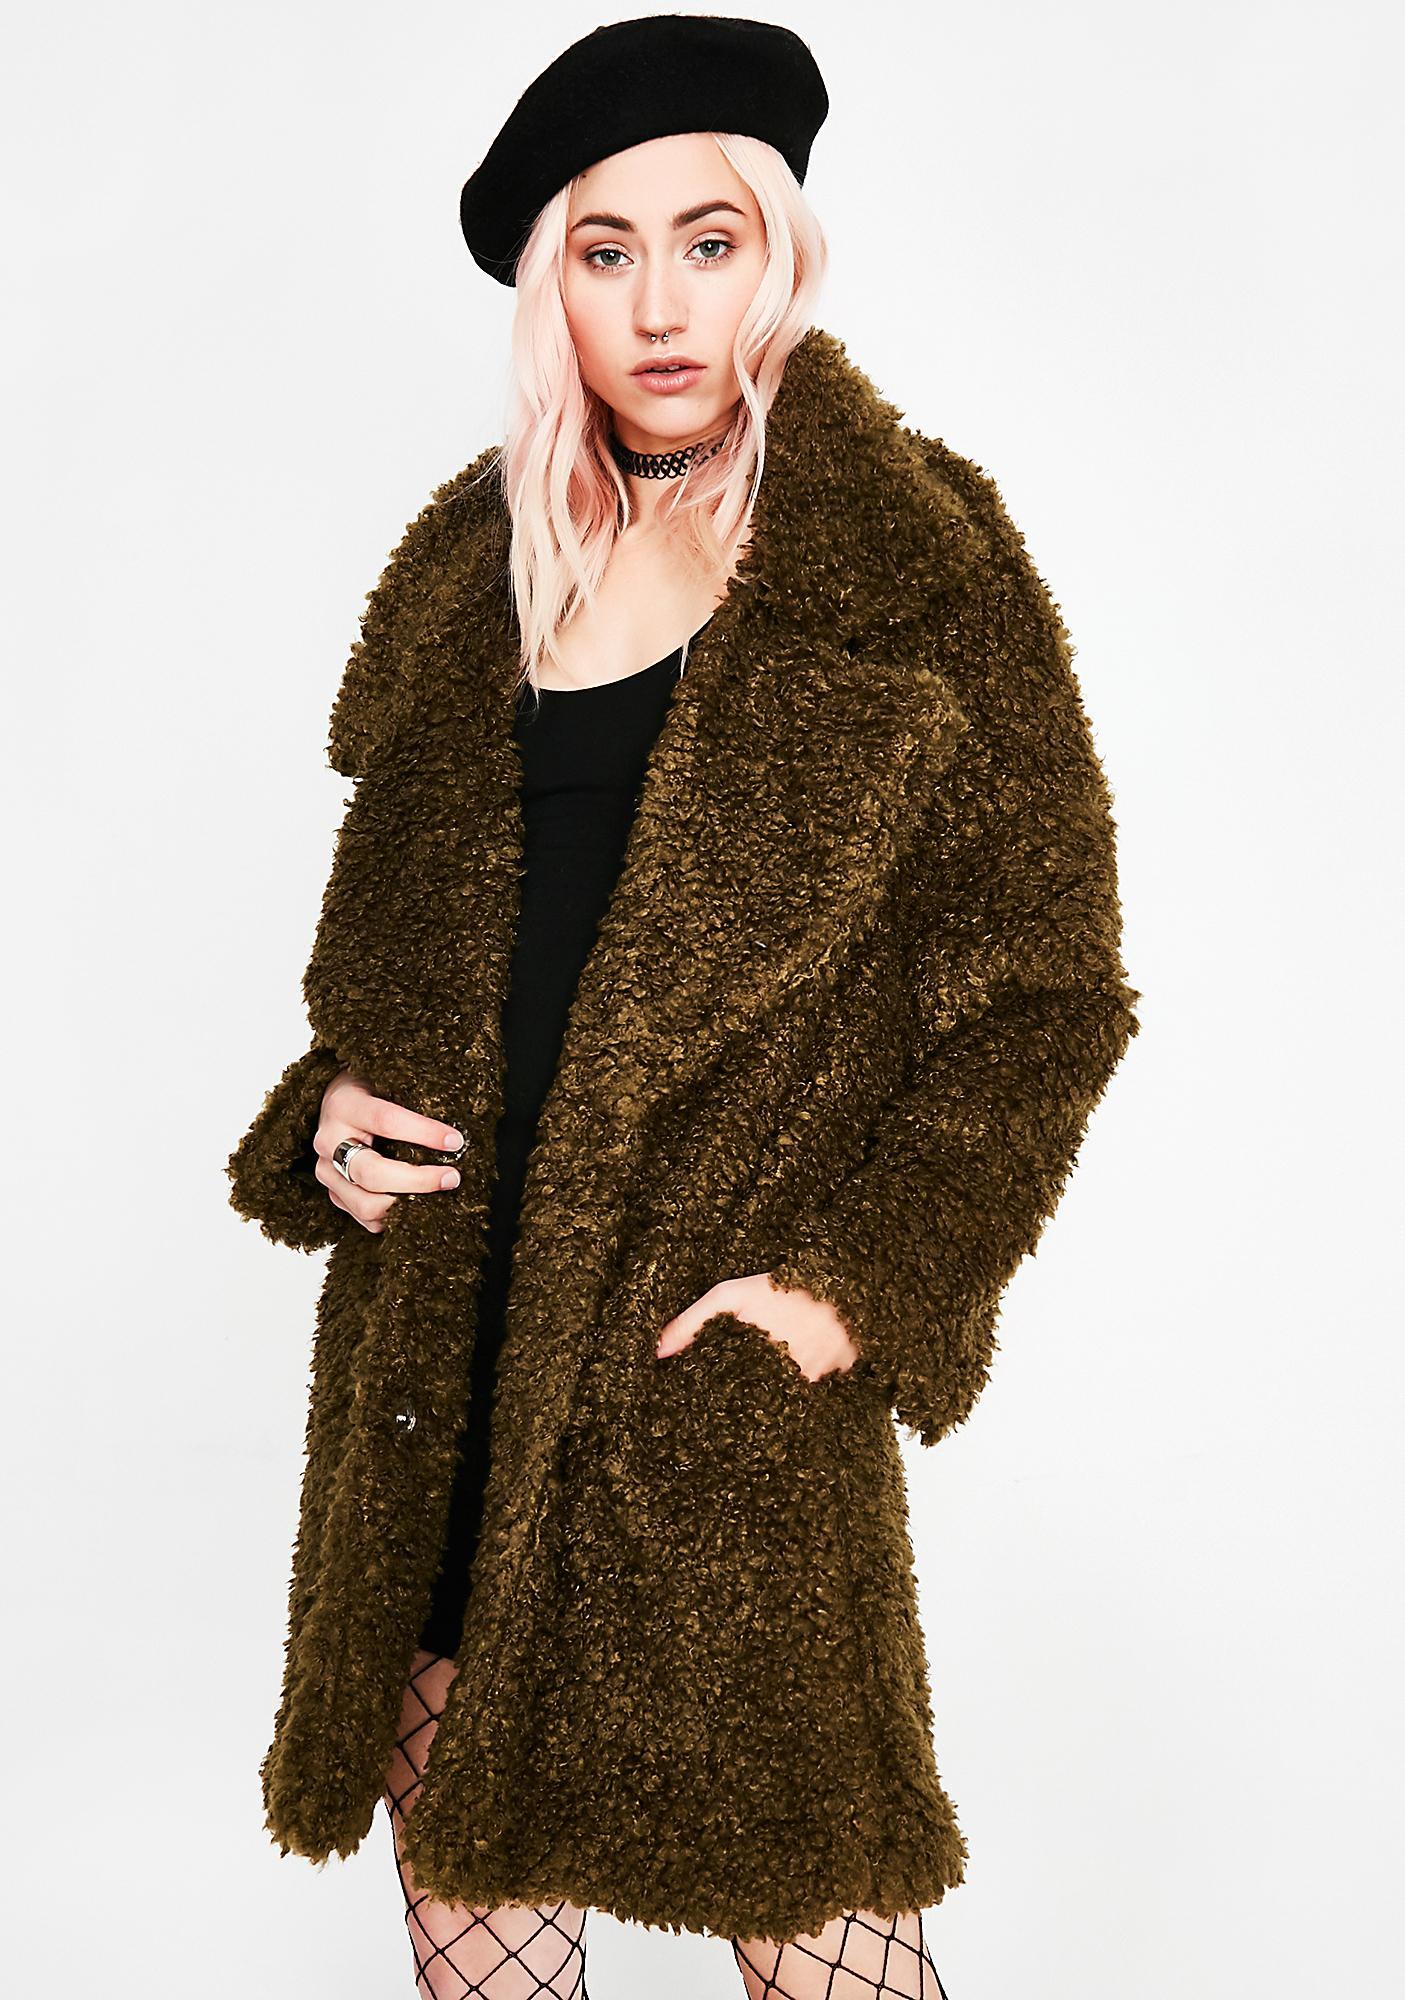 Dank Petty Yeti Fuzzy Coat by Settle Down